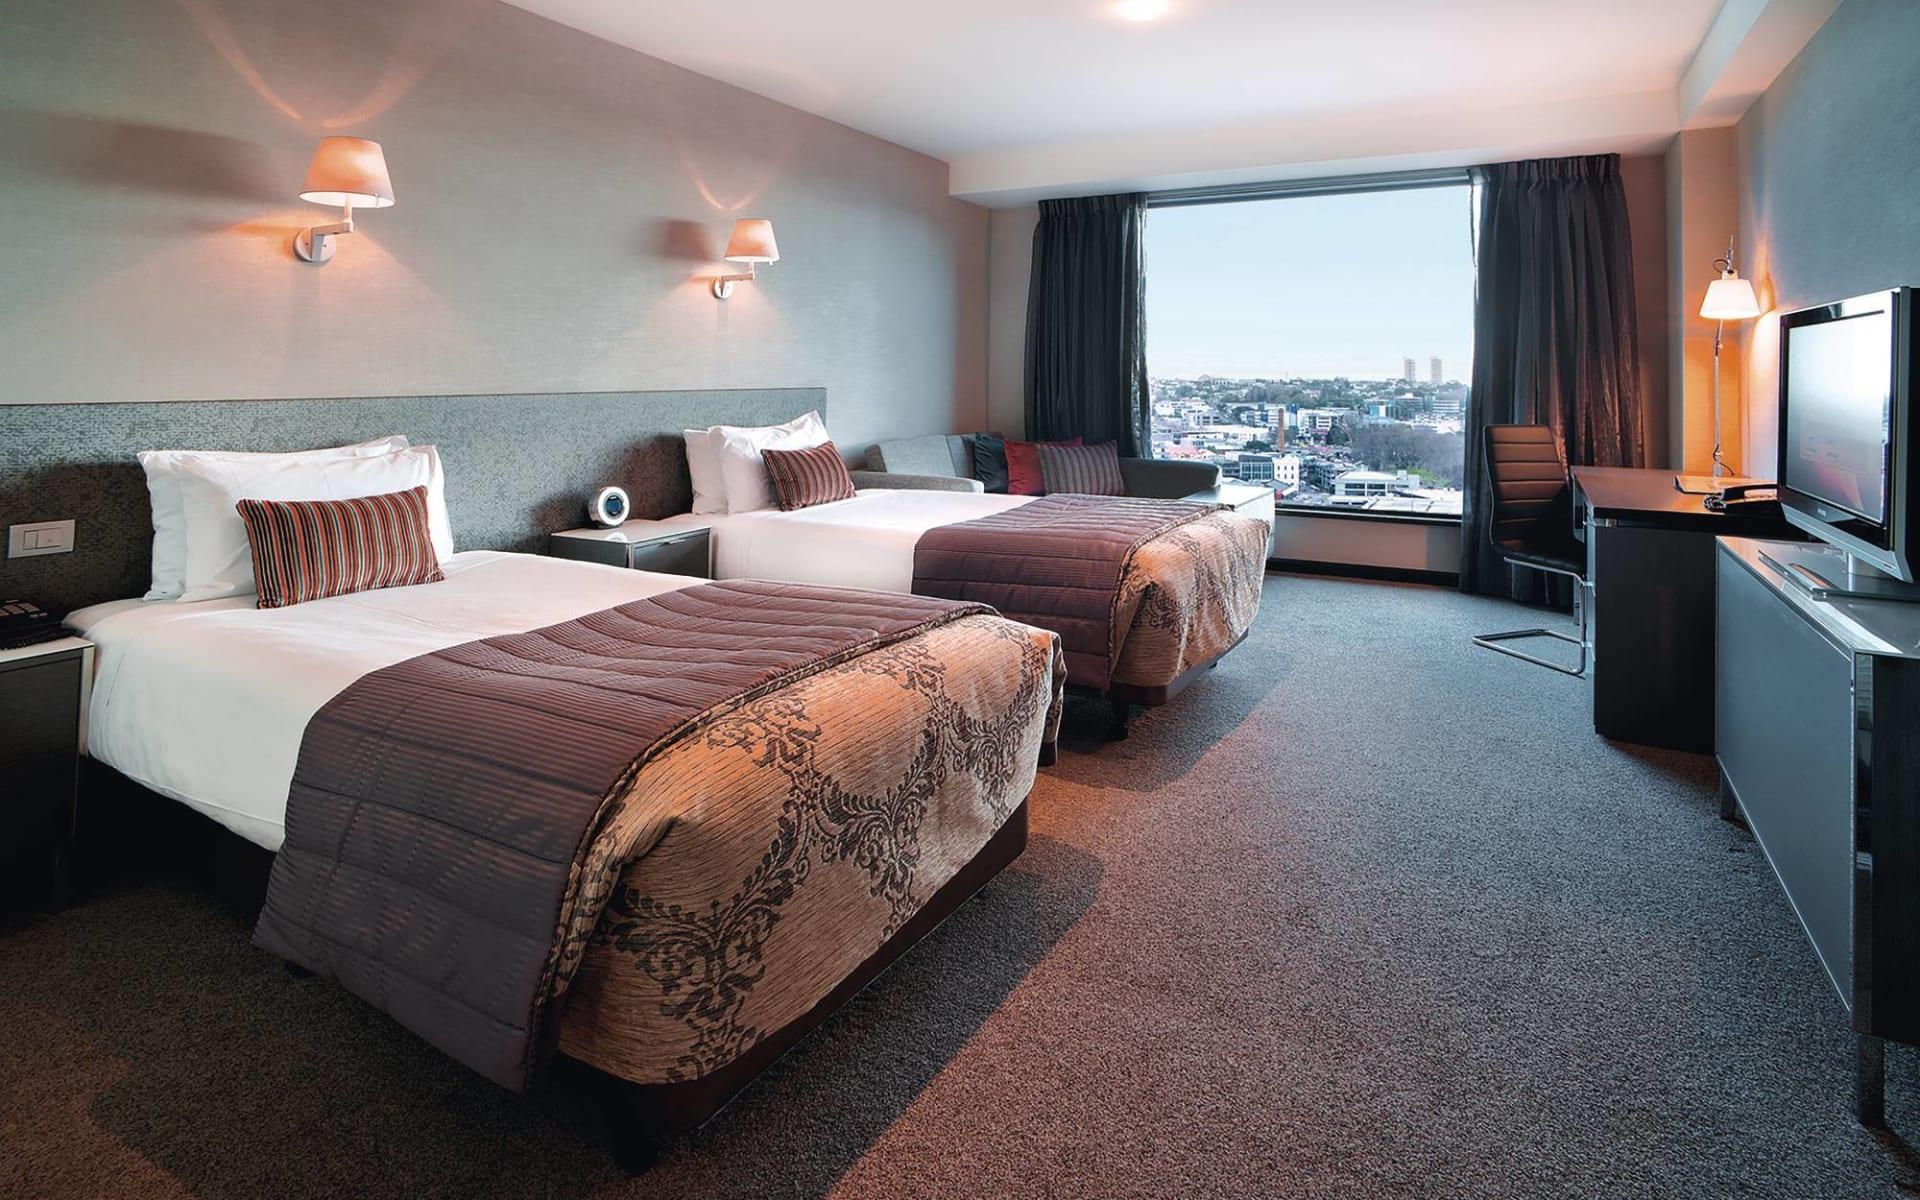 Skycity Hotel Auckland:  Skycity Hotel Auckland - Deluxe Room